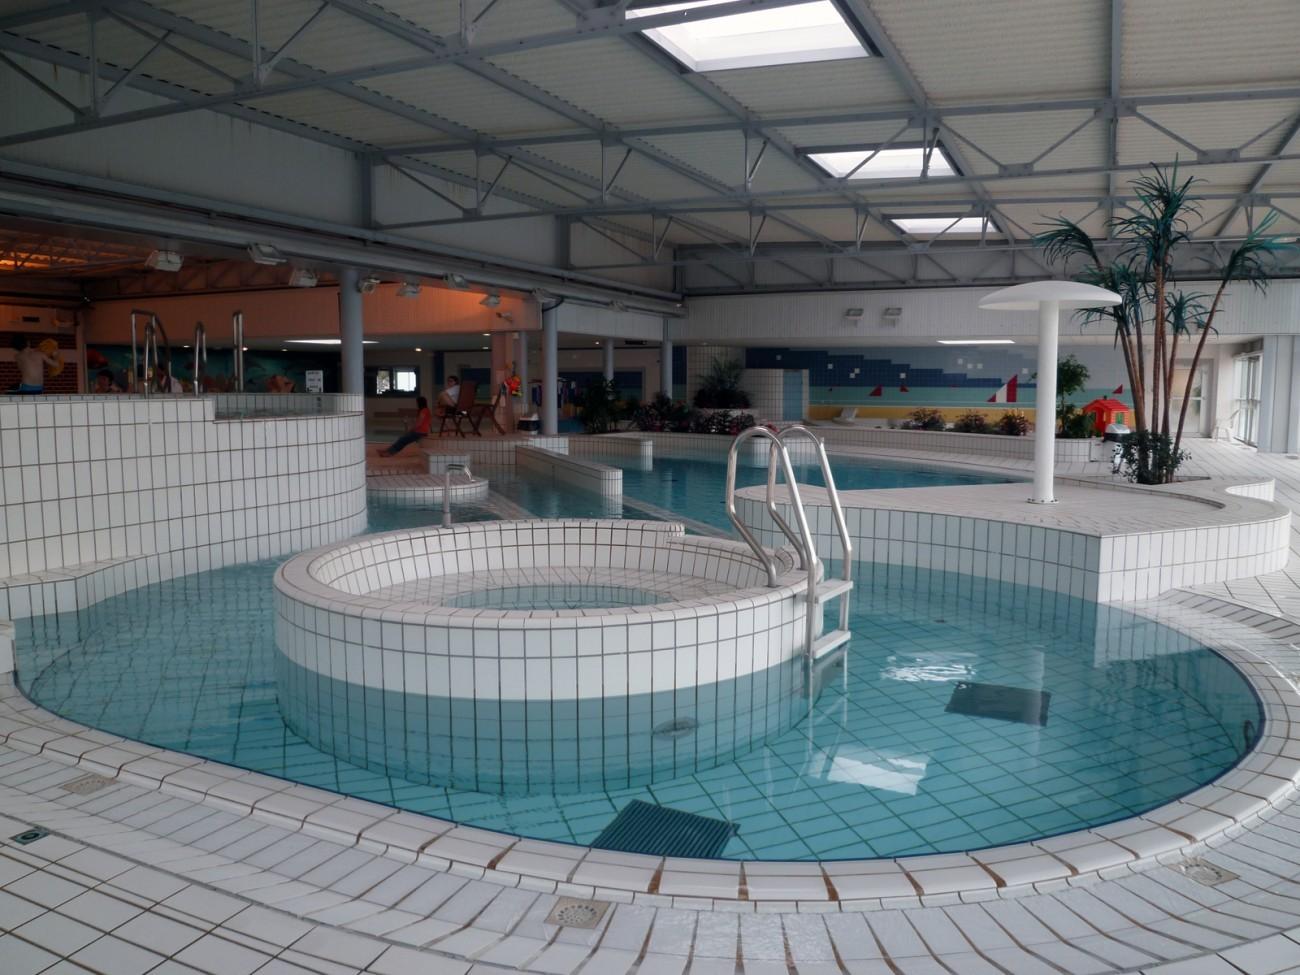 Bourgueil rouleau architectes piscine avoine 37 for Construction piscine 37